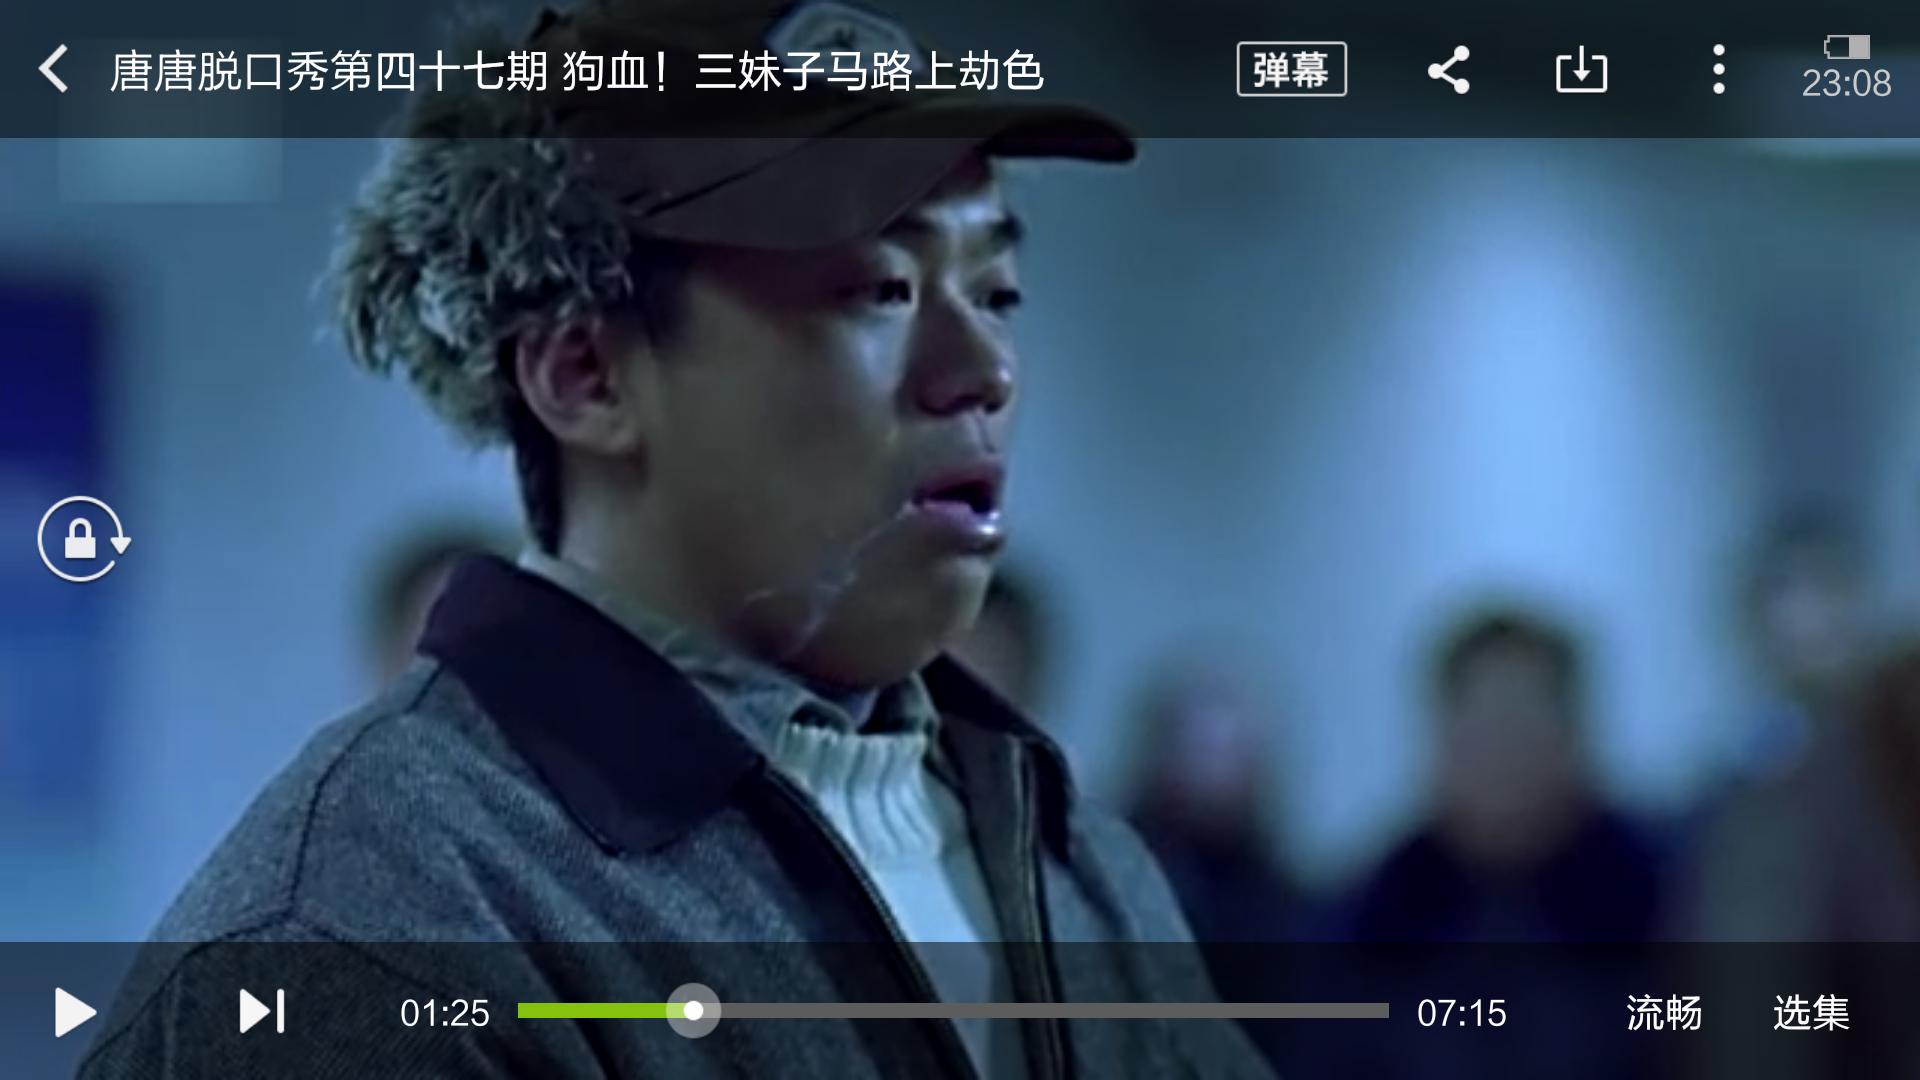 王宝强和徐峥的电影_这是王宝强拍的那部电影,里面还有徐峥